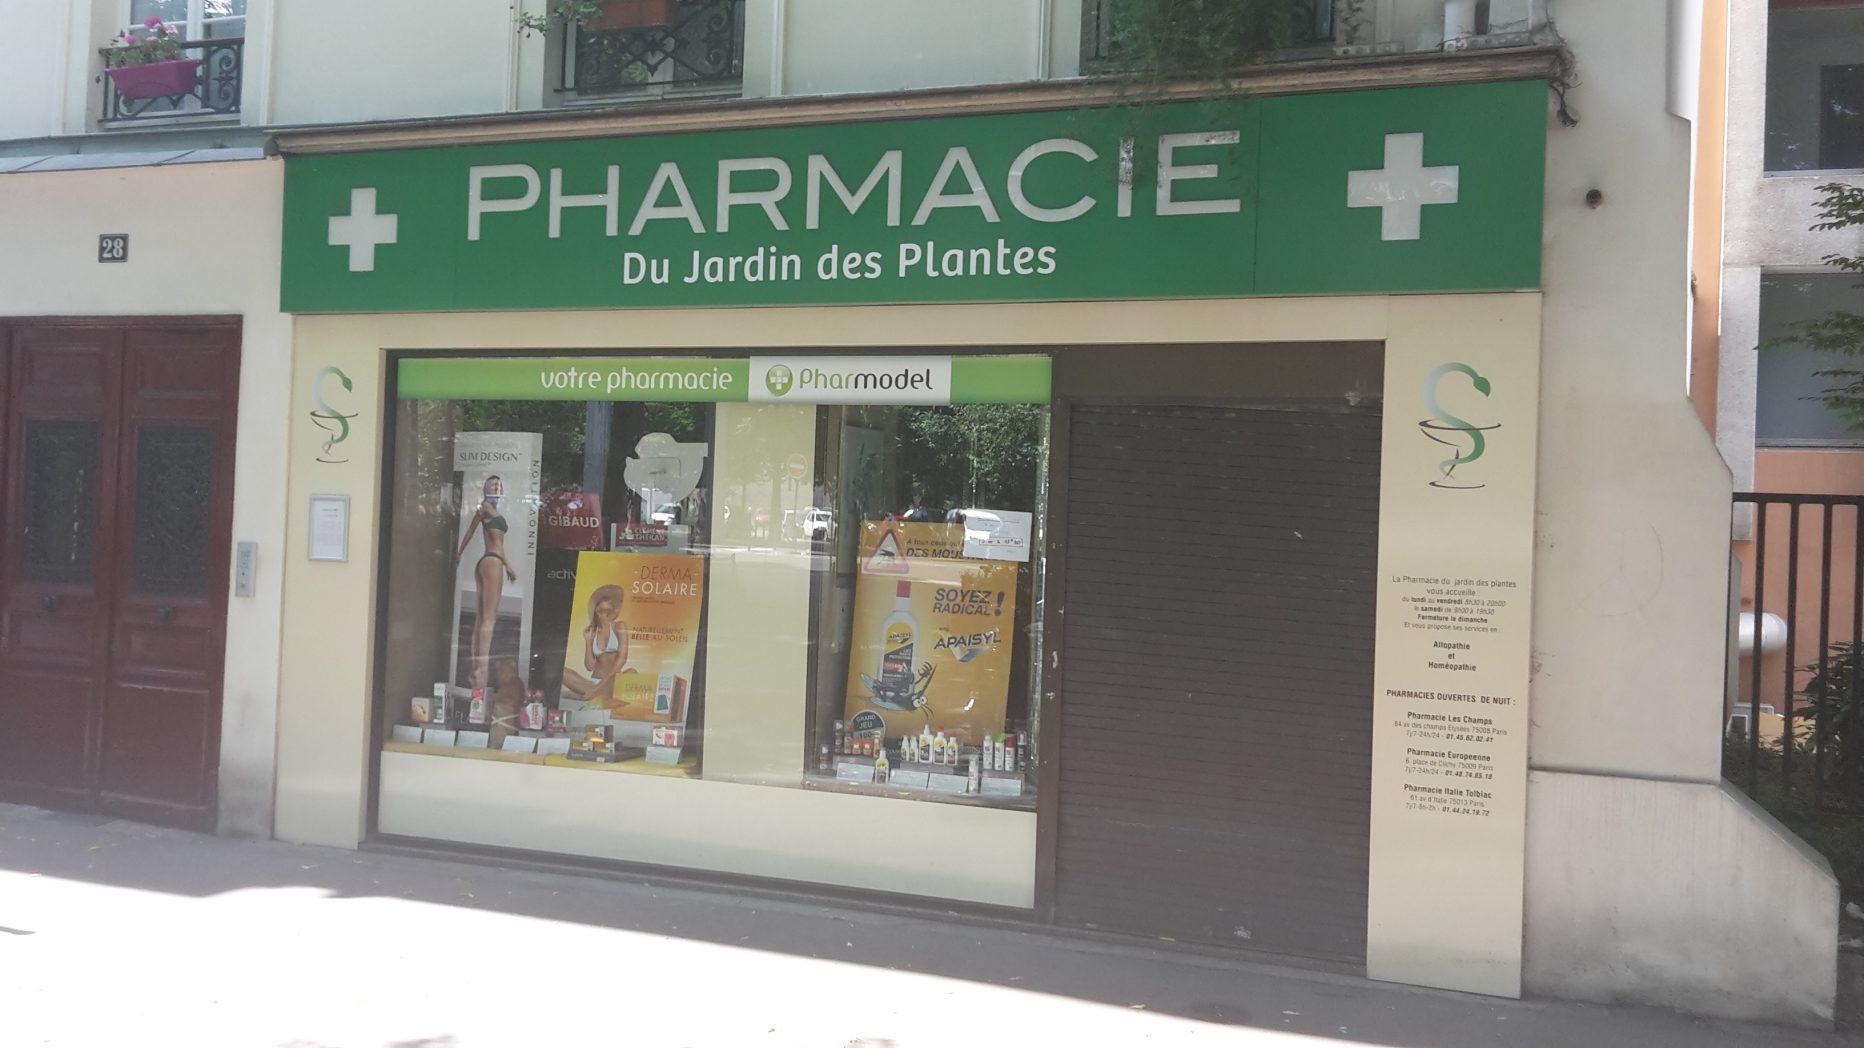 Pharmacie du jardin des plantes paris en m tro - Pharmacie du jardin des plantes ...